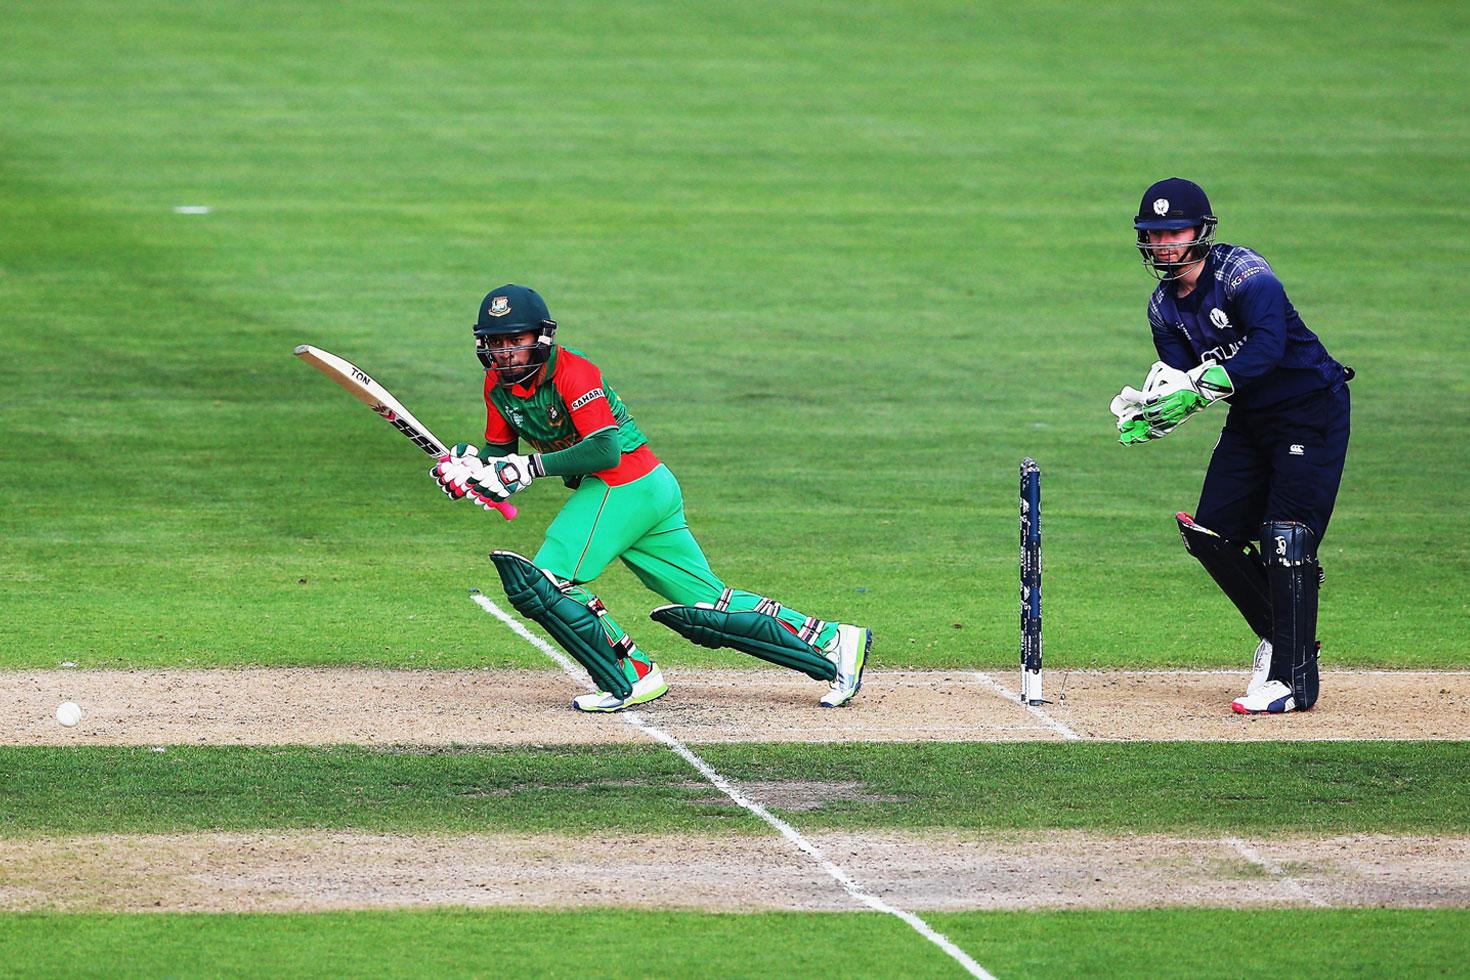 'ওমান, পাপুয়া নিউগিনির মতো দল' বাংলাদেশ